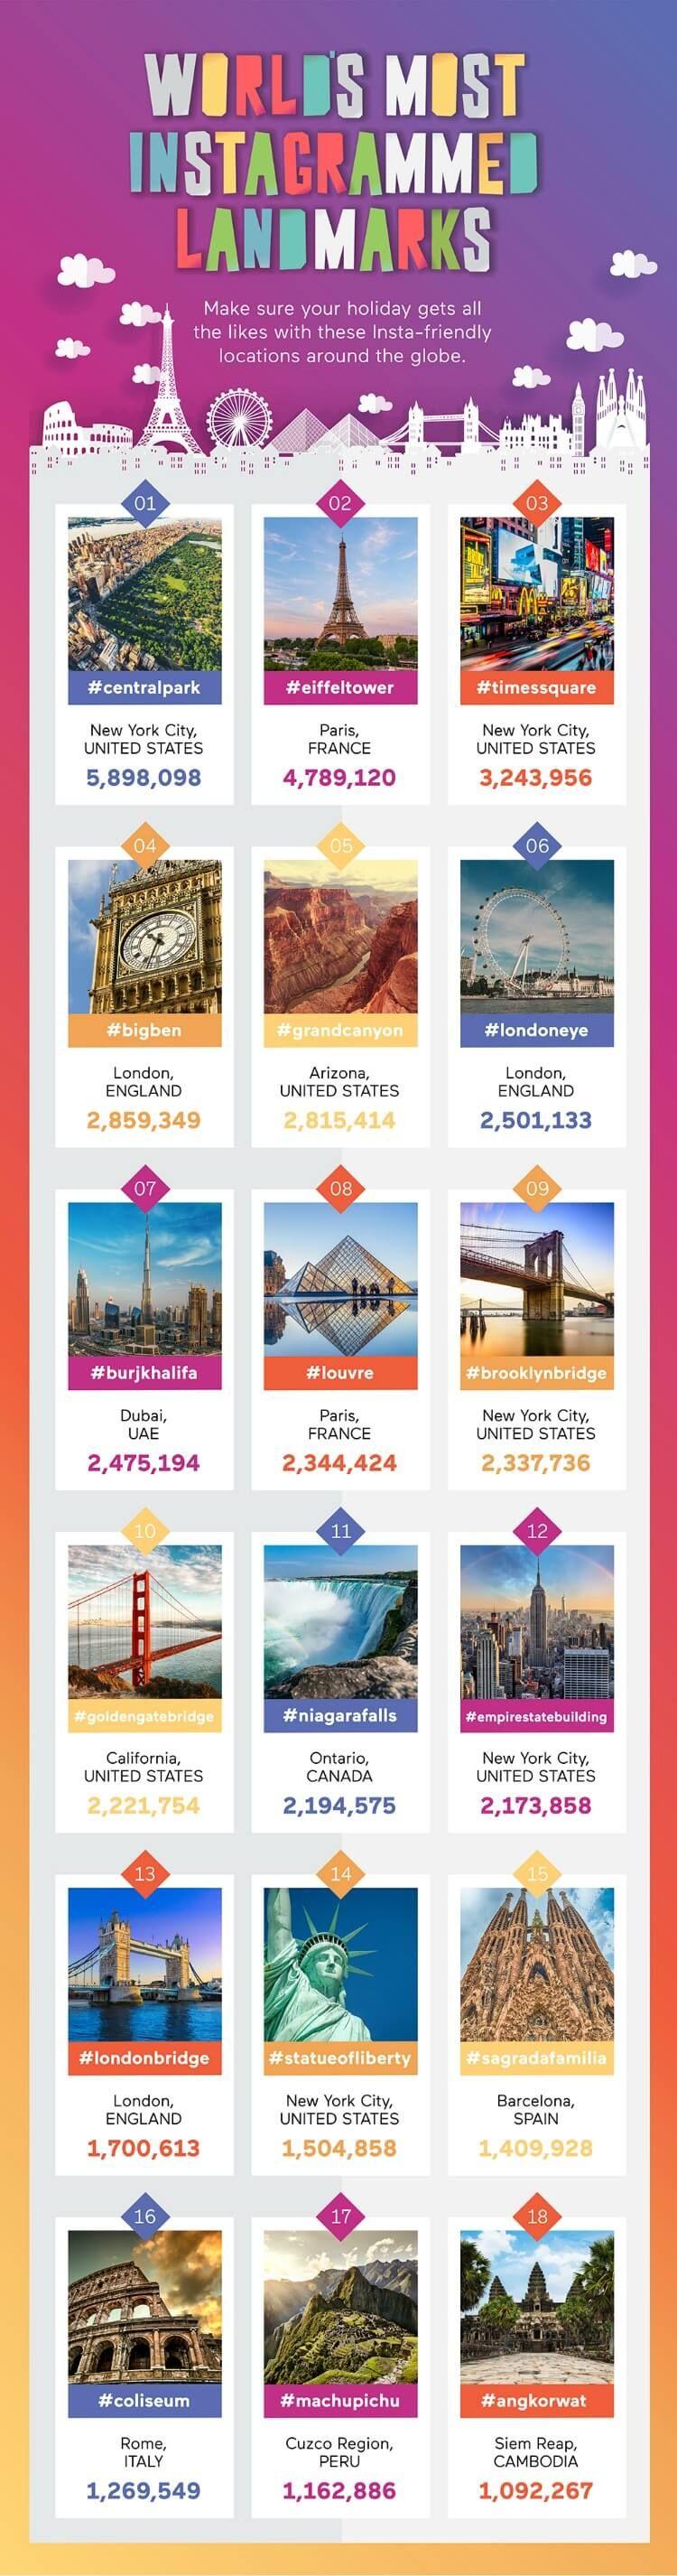 Instagram landmarks